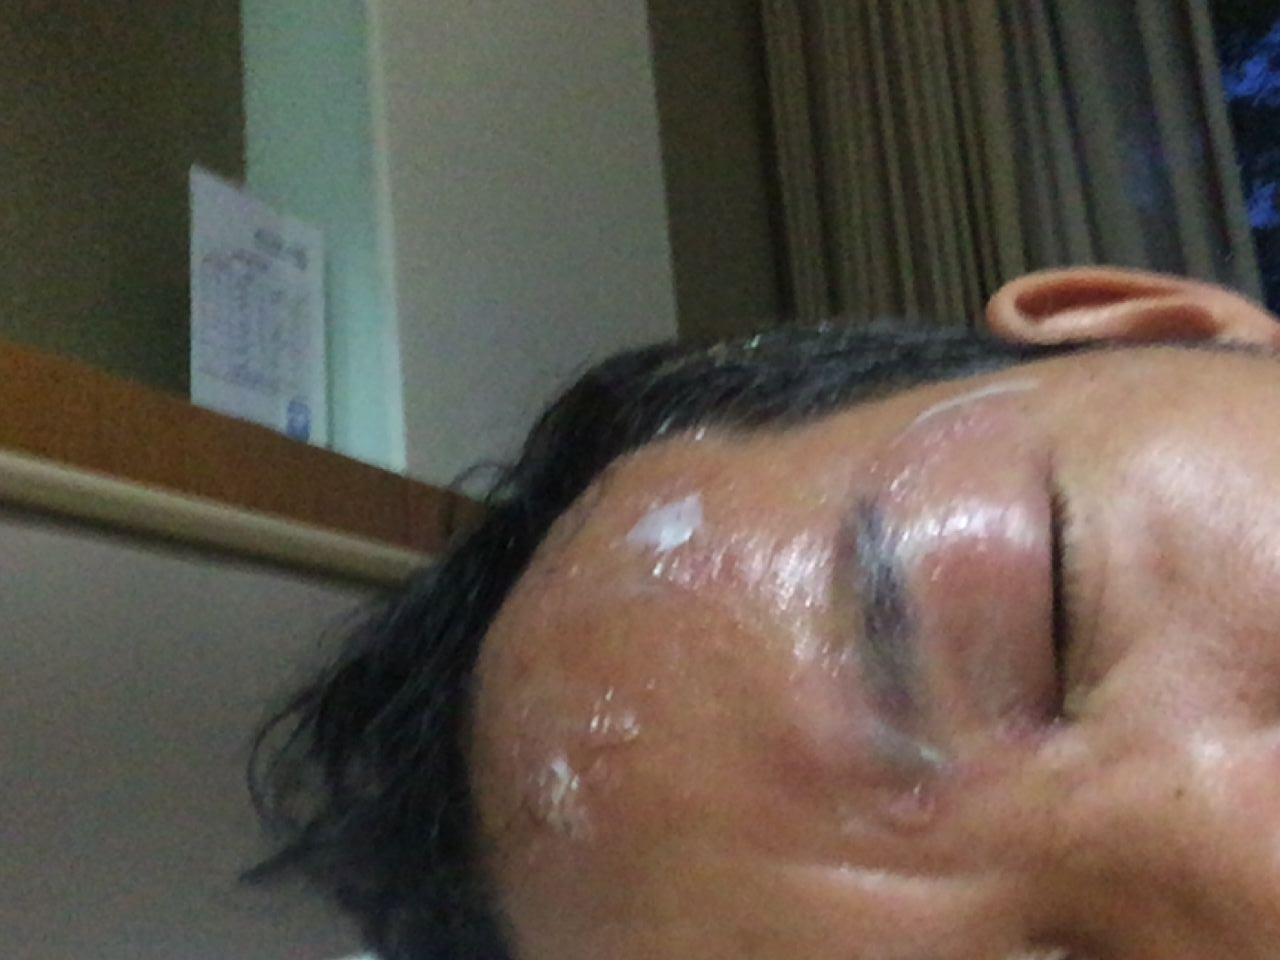 疱疹 痛み だけ 帯状